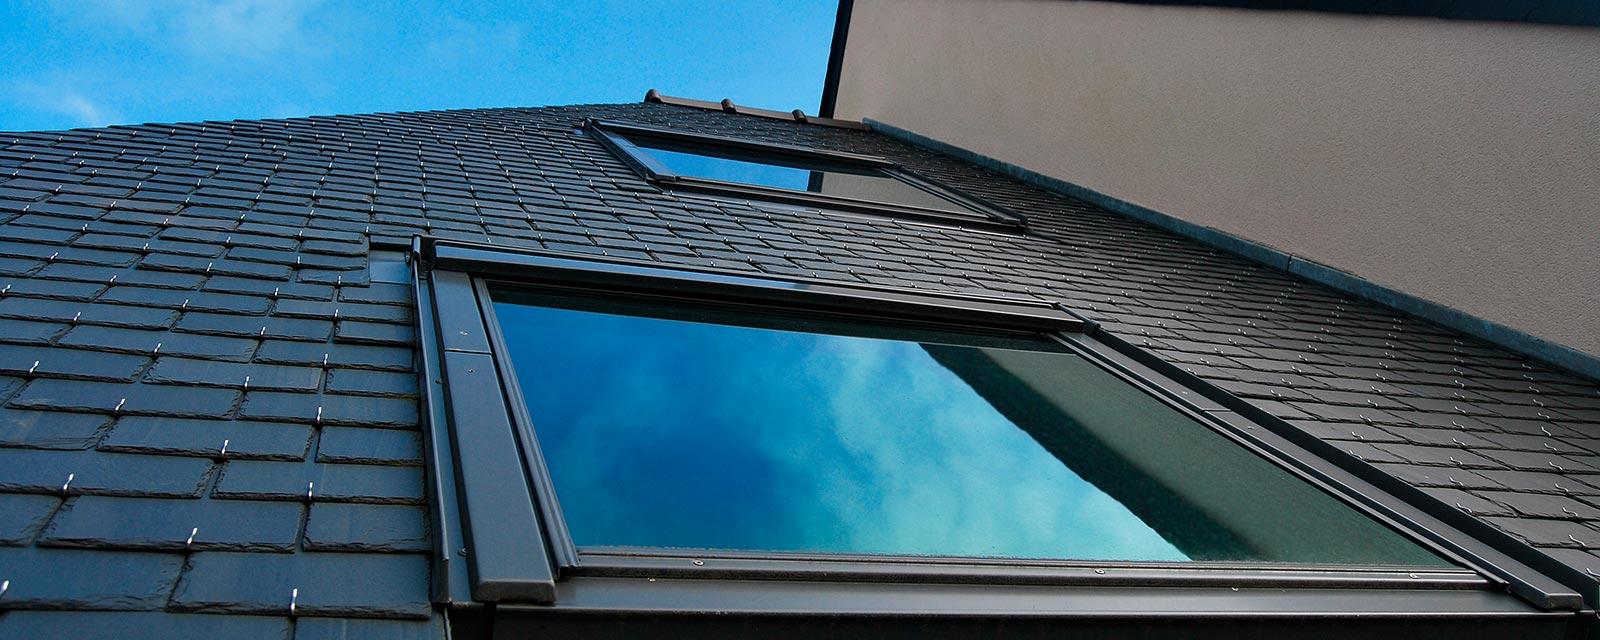 Comment Poser Des Ardoises revêtement de toit ardoise : tout ce qu'il faut savoir